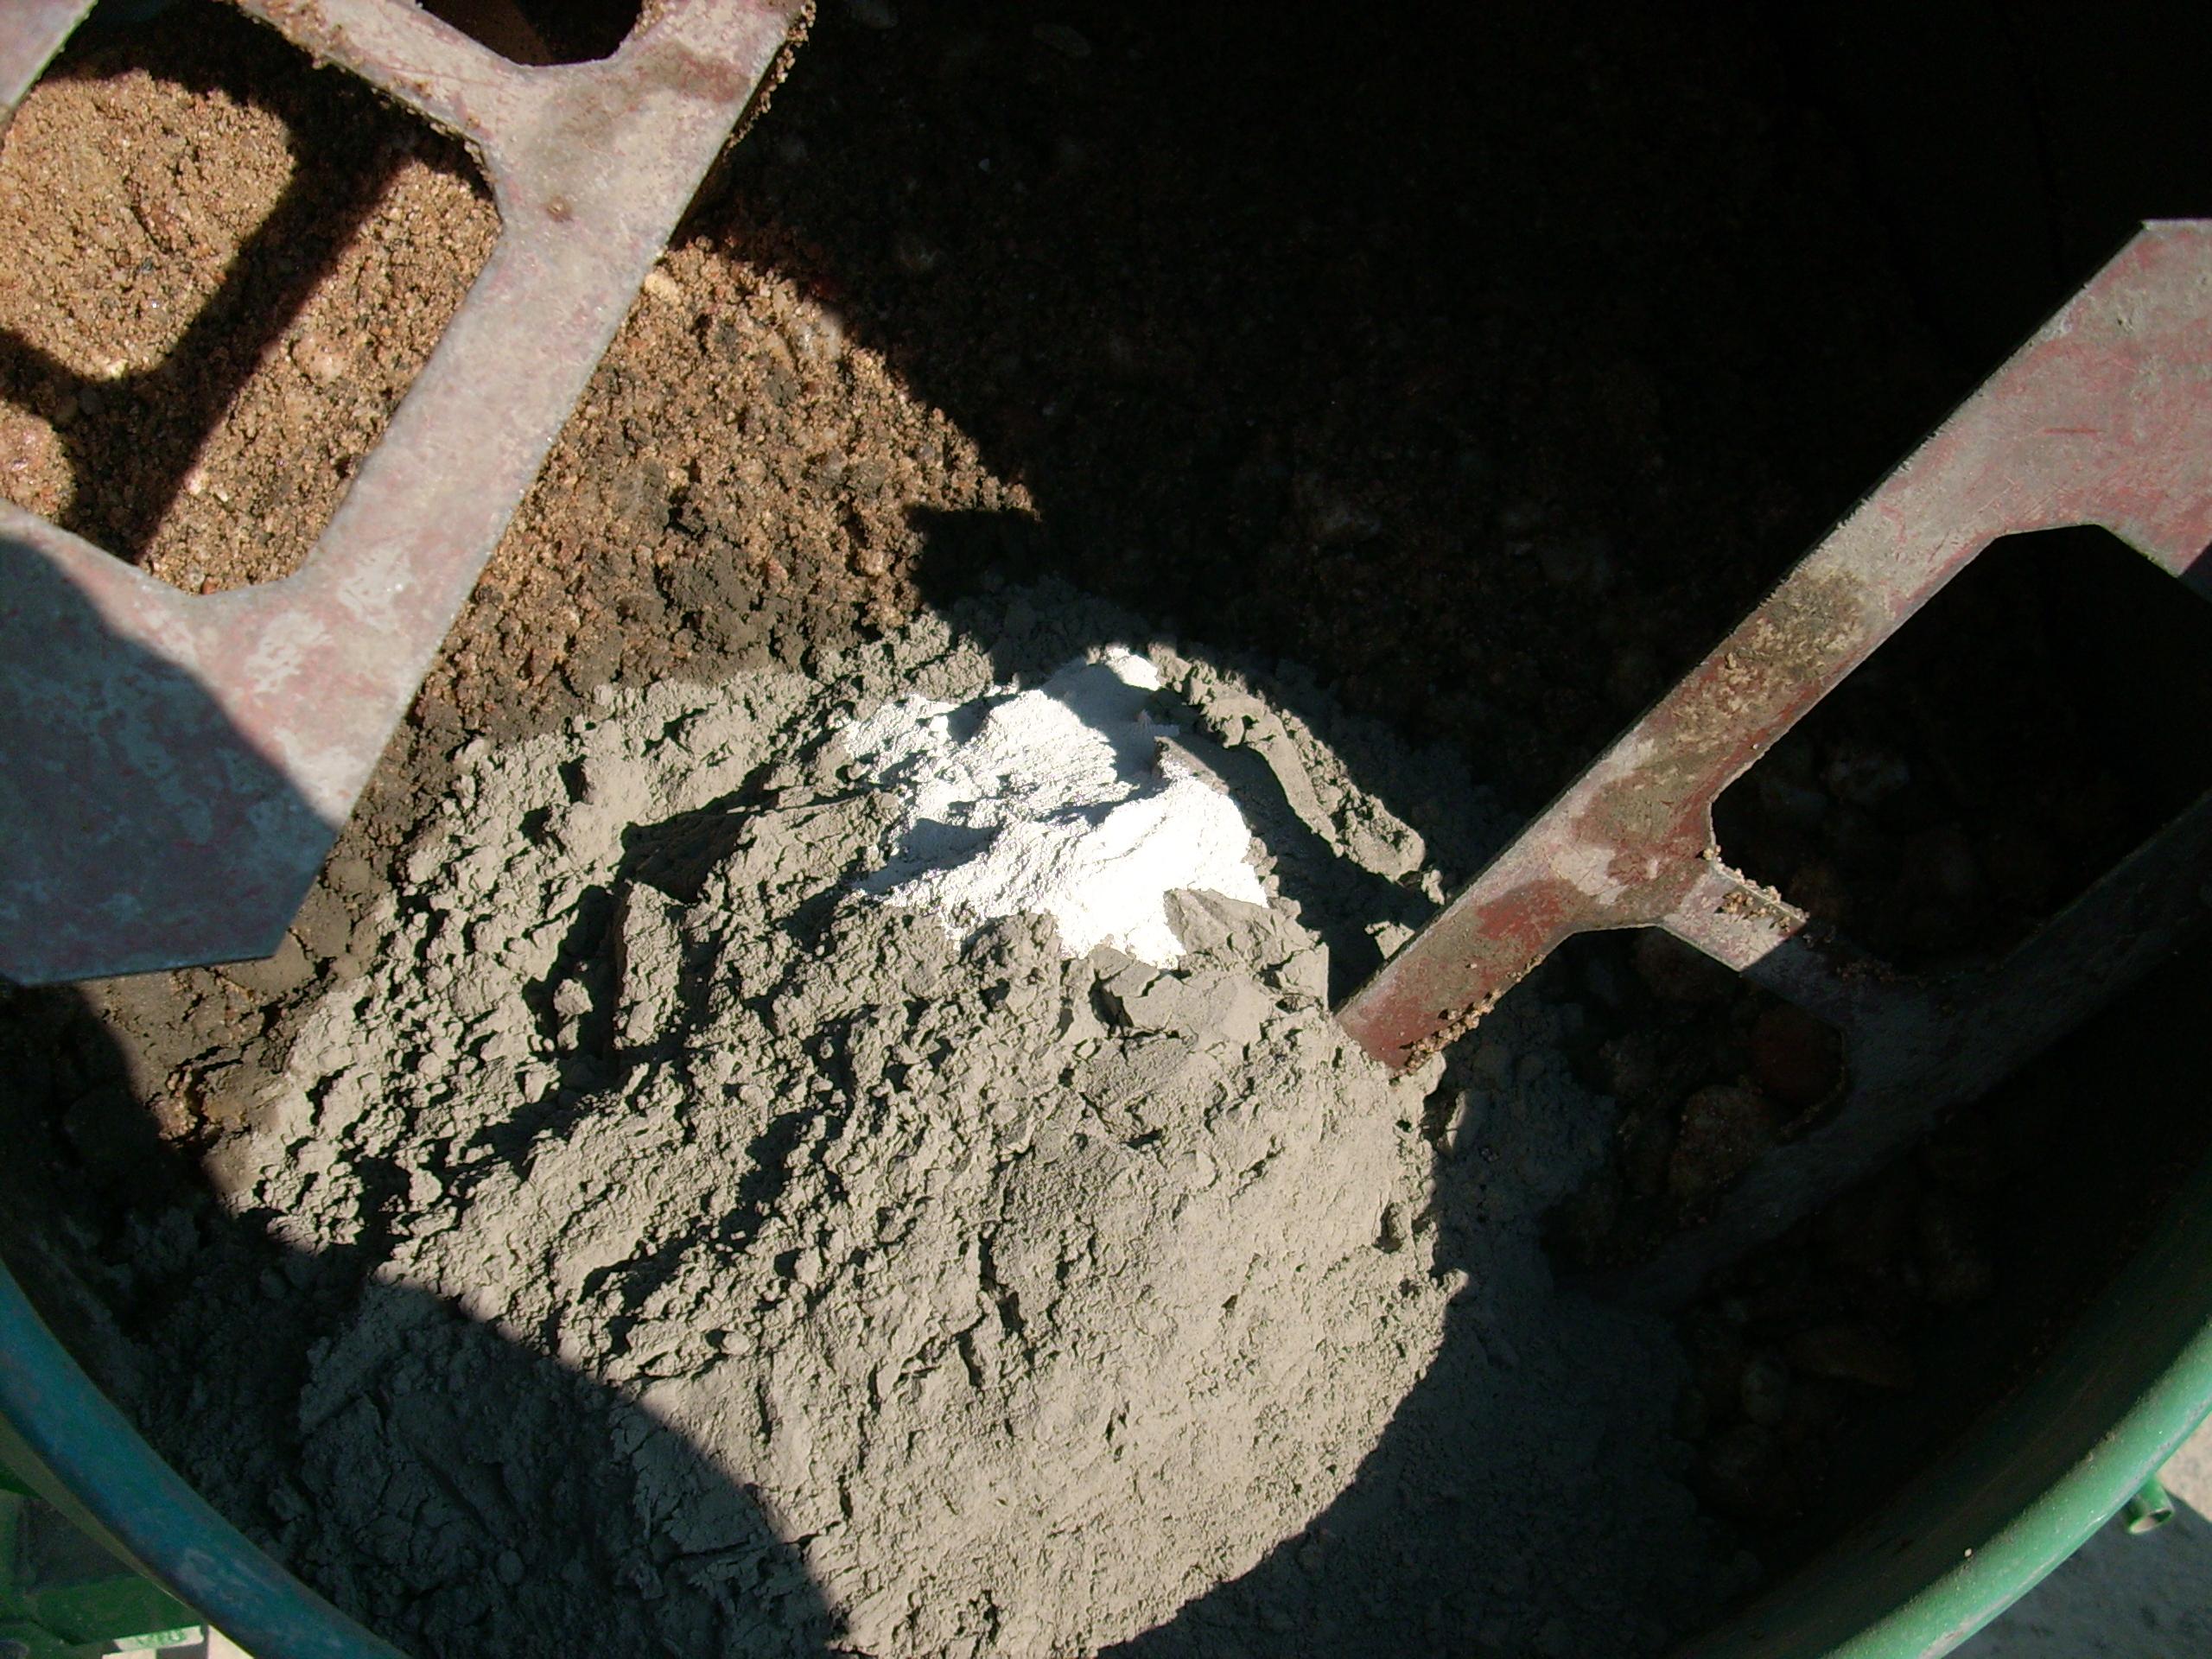 Prepararea betonului hidroizolat in toata masa UNICO PROFIT - Poza 4